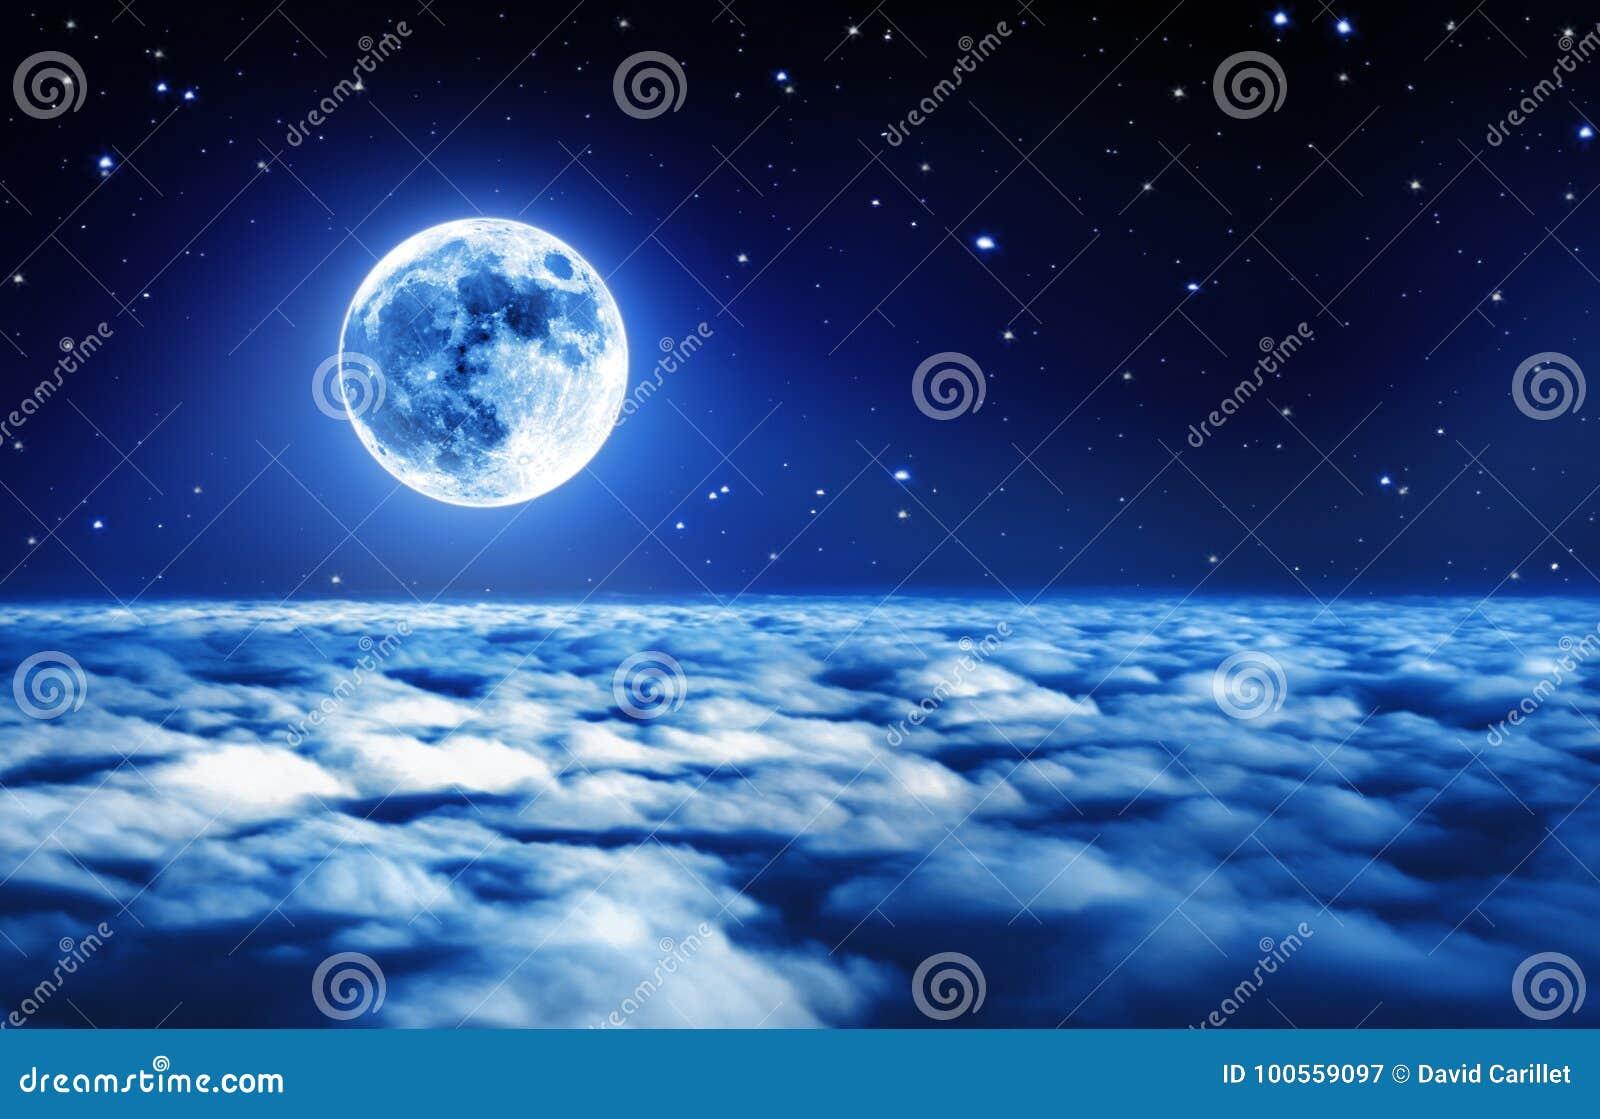 Яркое полнолуние в небе звездной ночи над мечтательными облаками с мягким накаляя светом